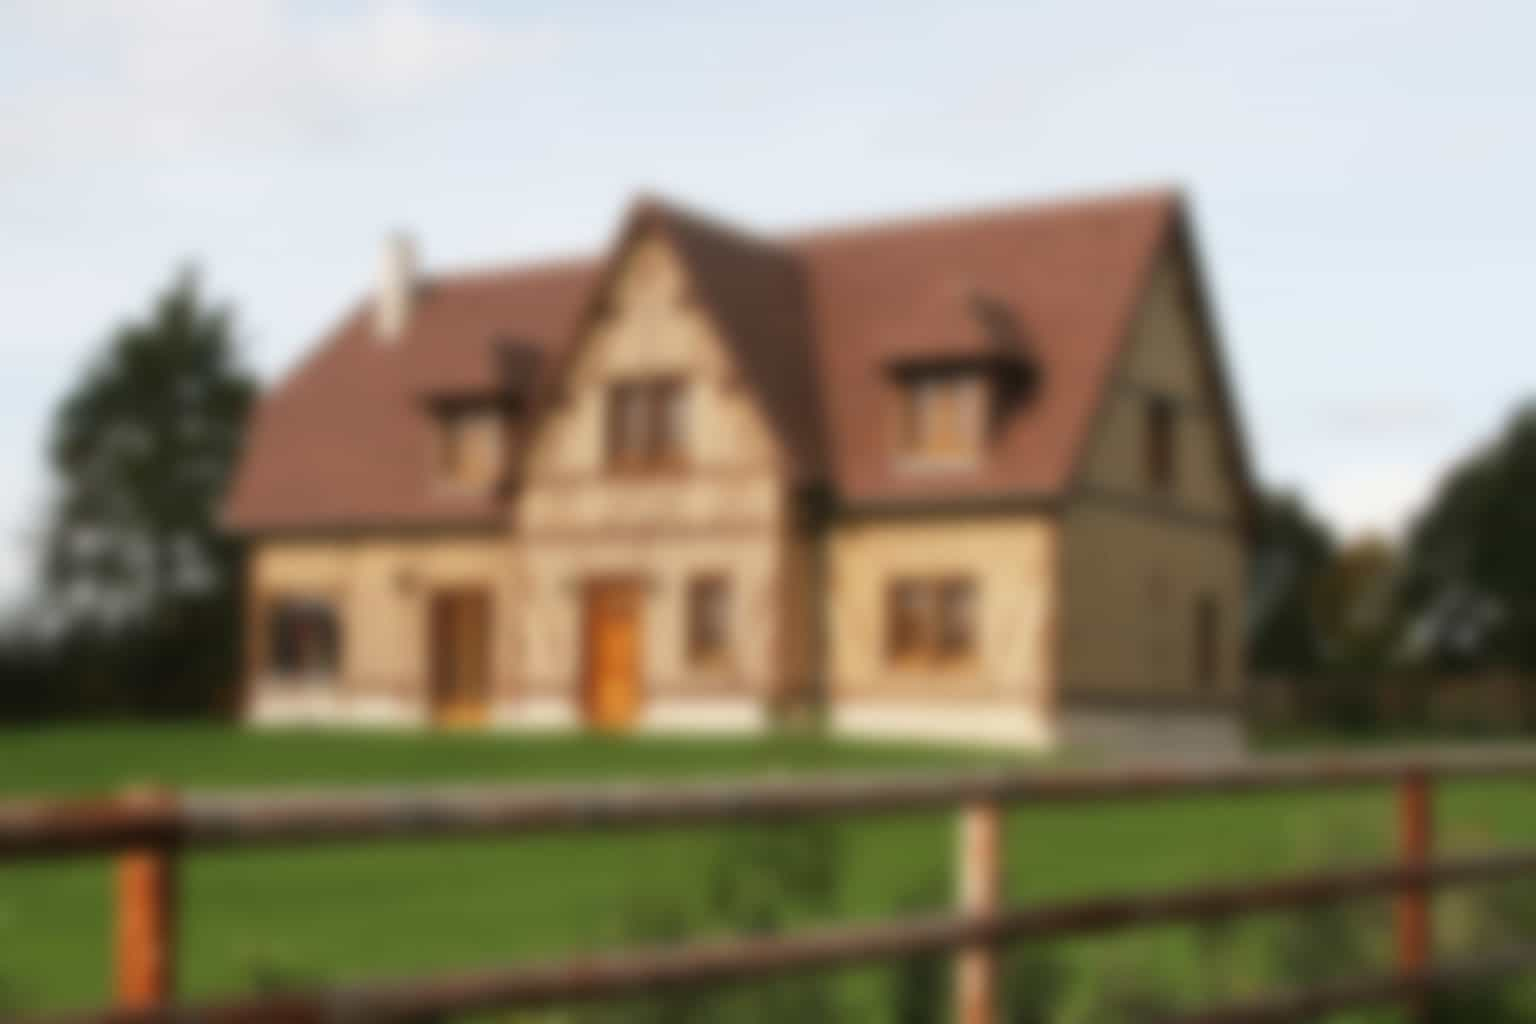 Maison normande à deux étages adaptée à la mobilité réduite, une réalisation GERBAT